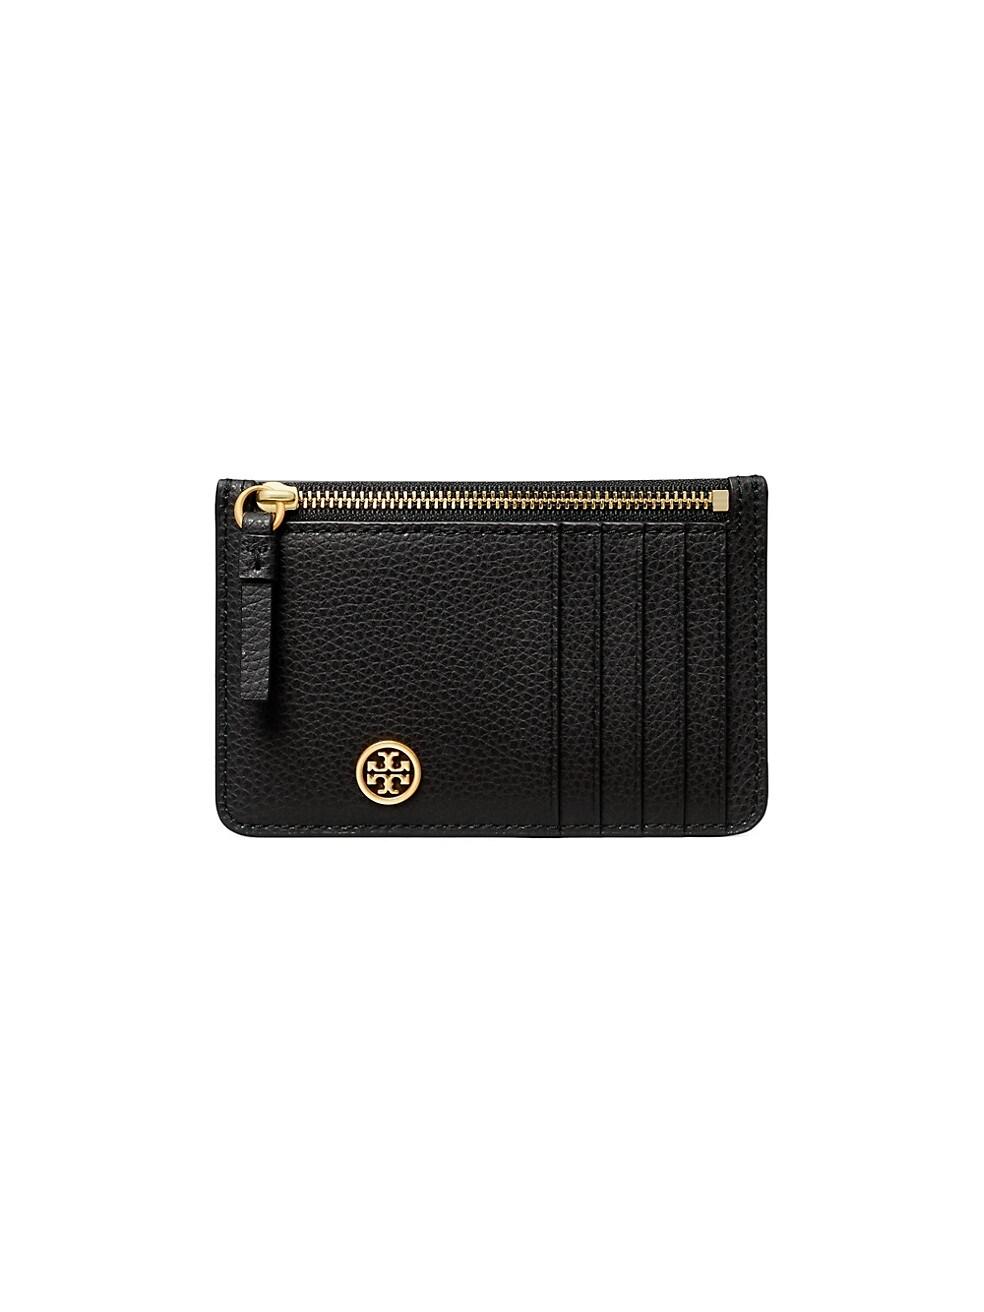 토리버치 카드 지갑 Tory Burch Walker Leather Top-Zip Card Case,BLACK